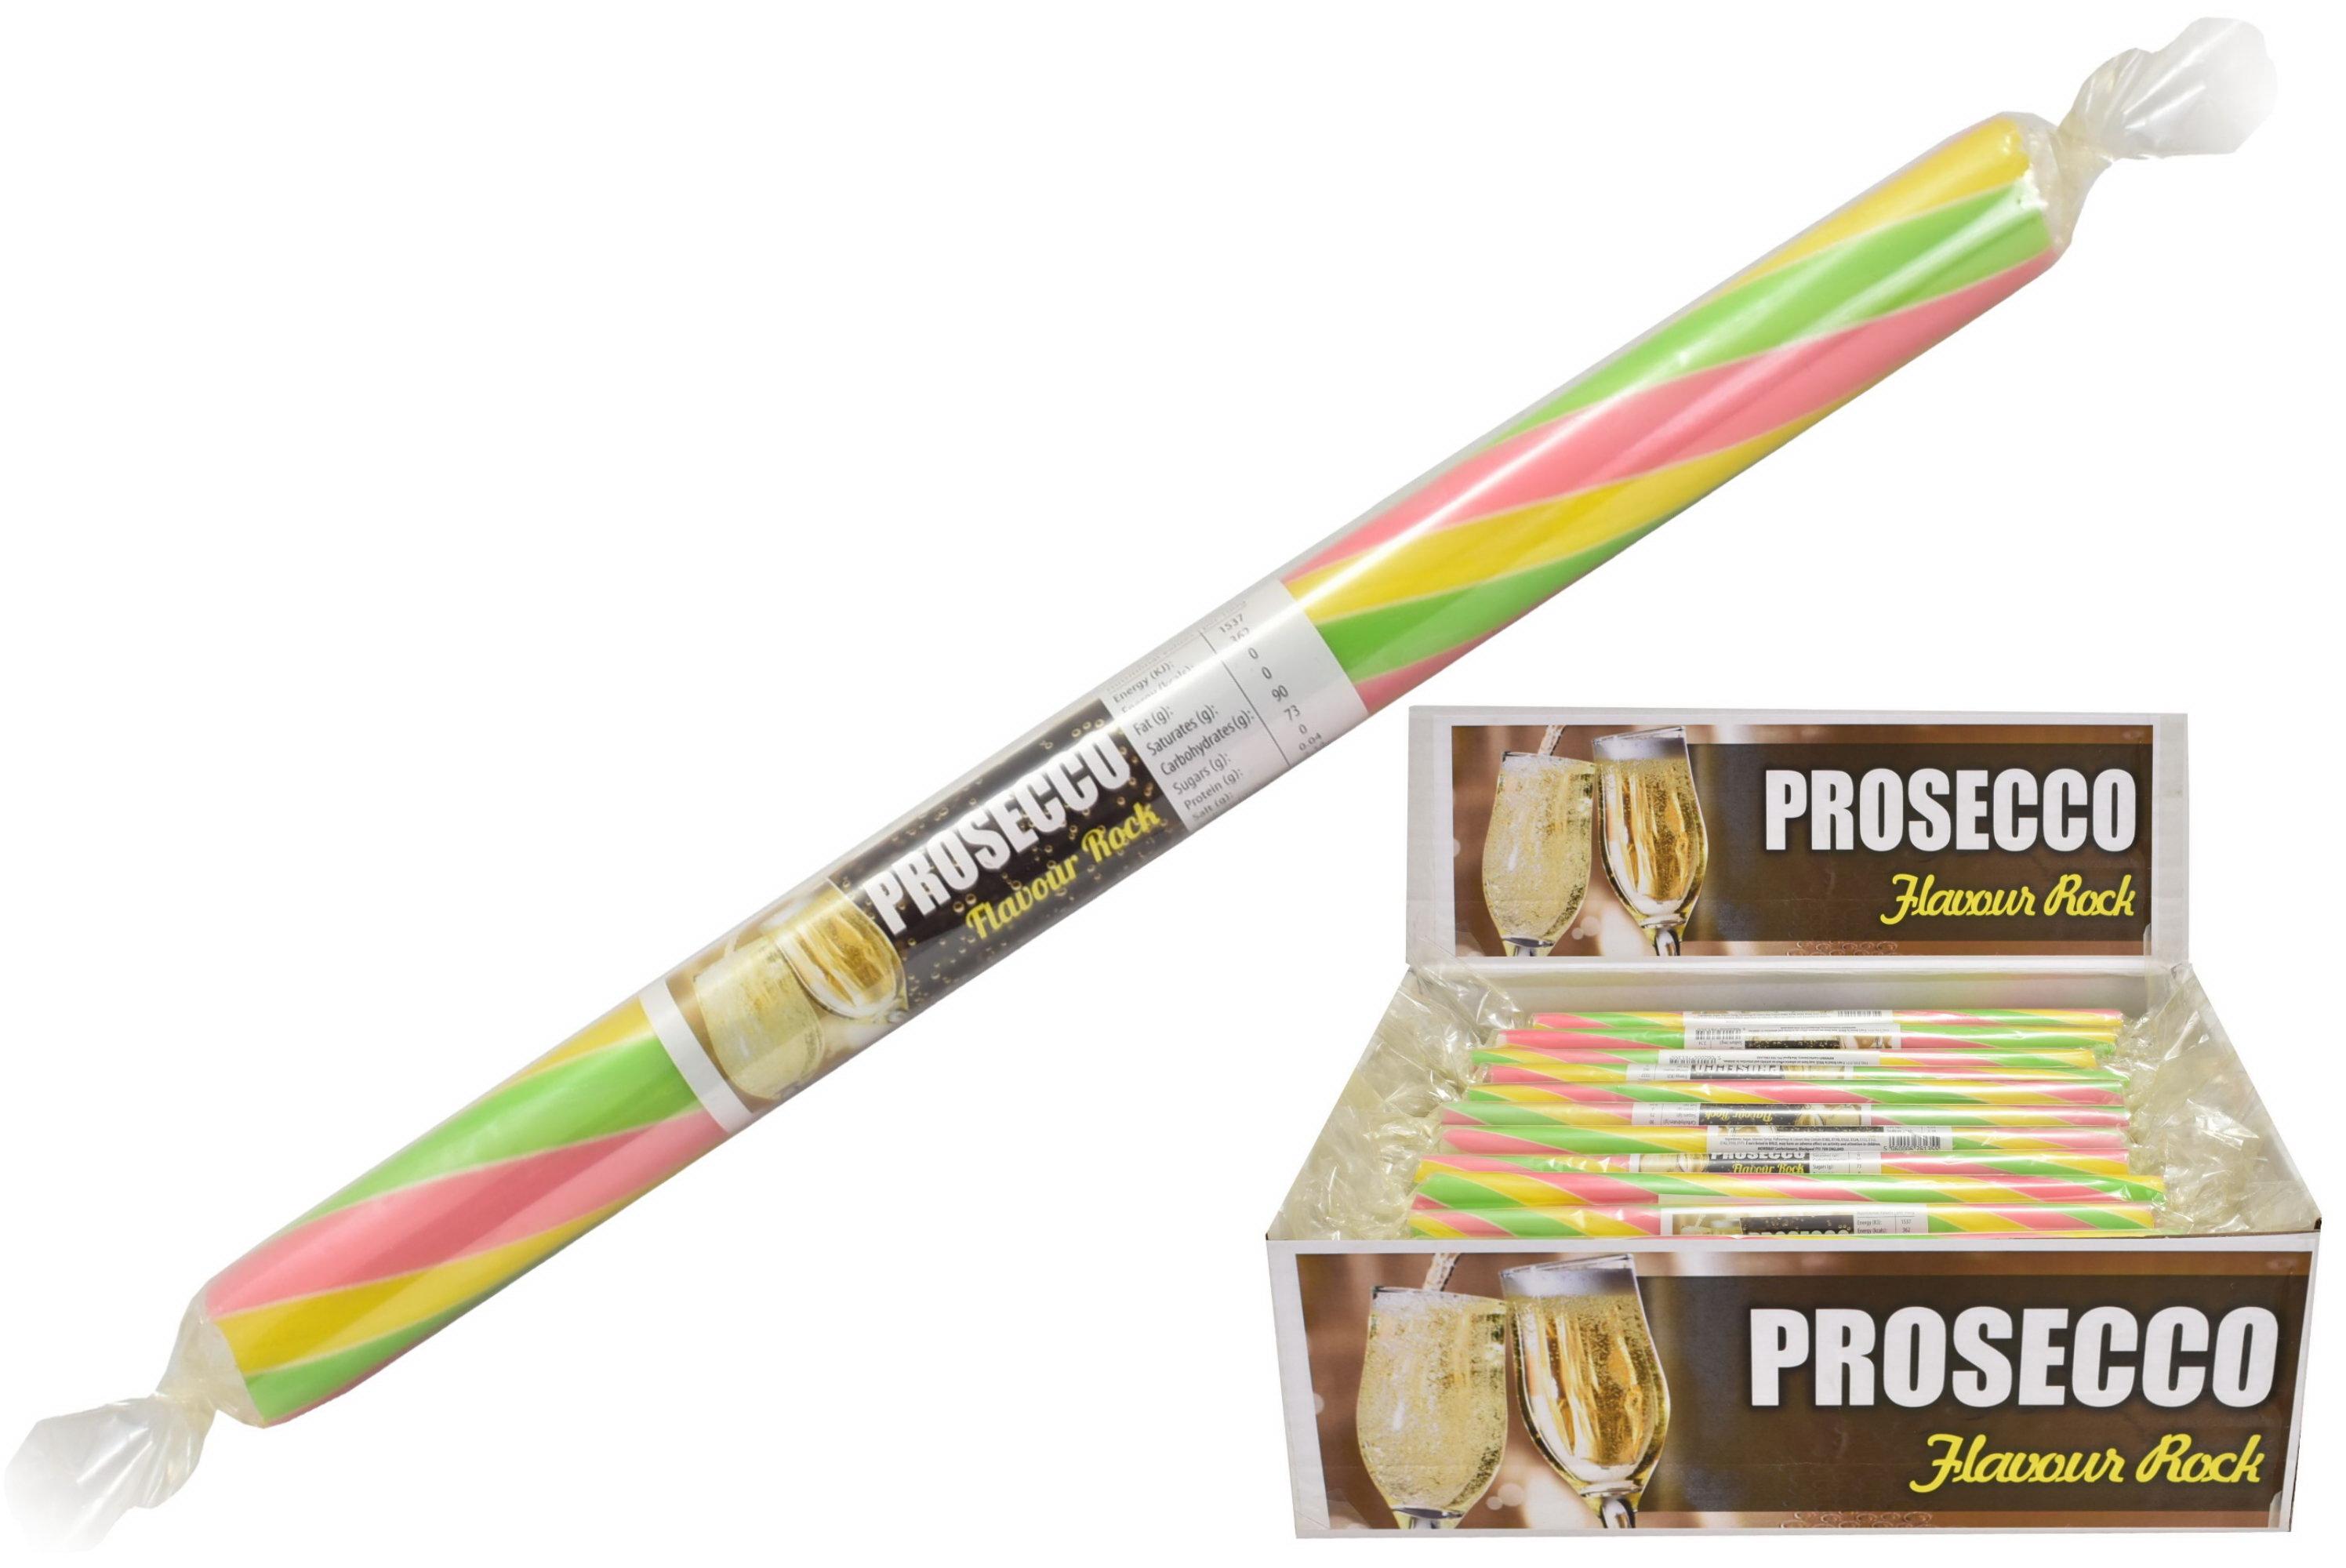 Prosecco - Flavoured Rock Sticks